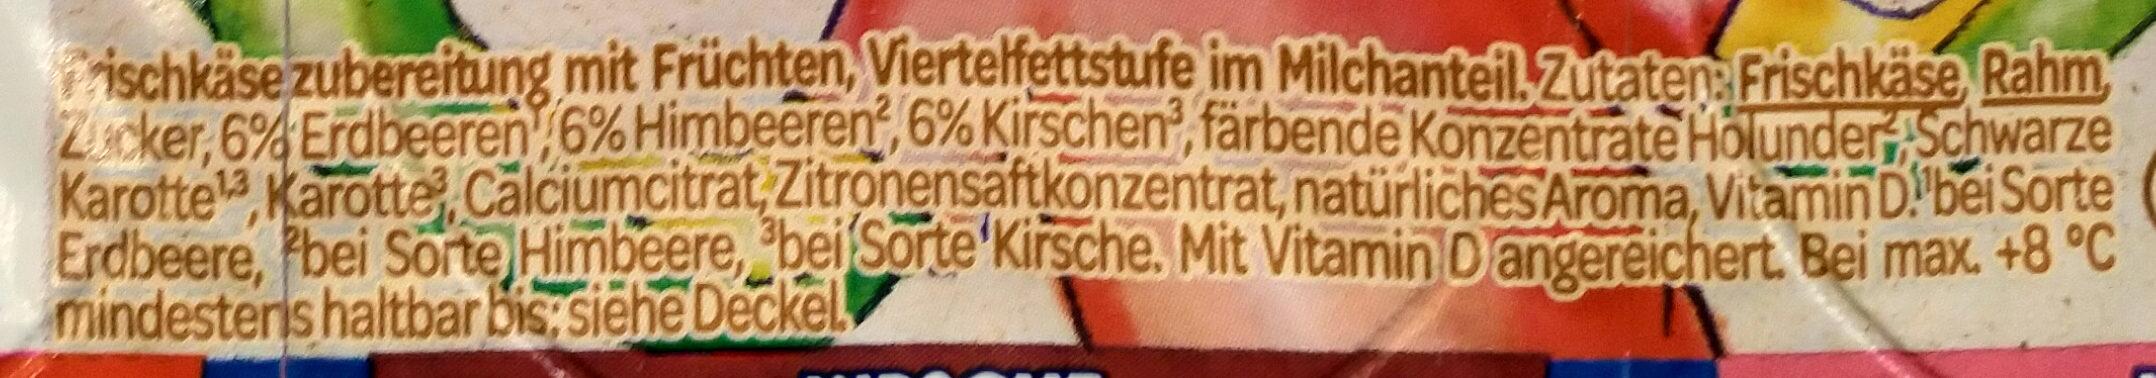 FruchtZwerge - Zutaten - de